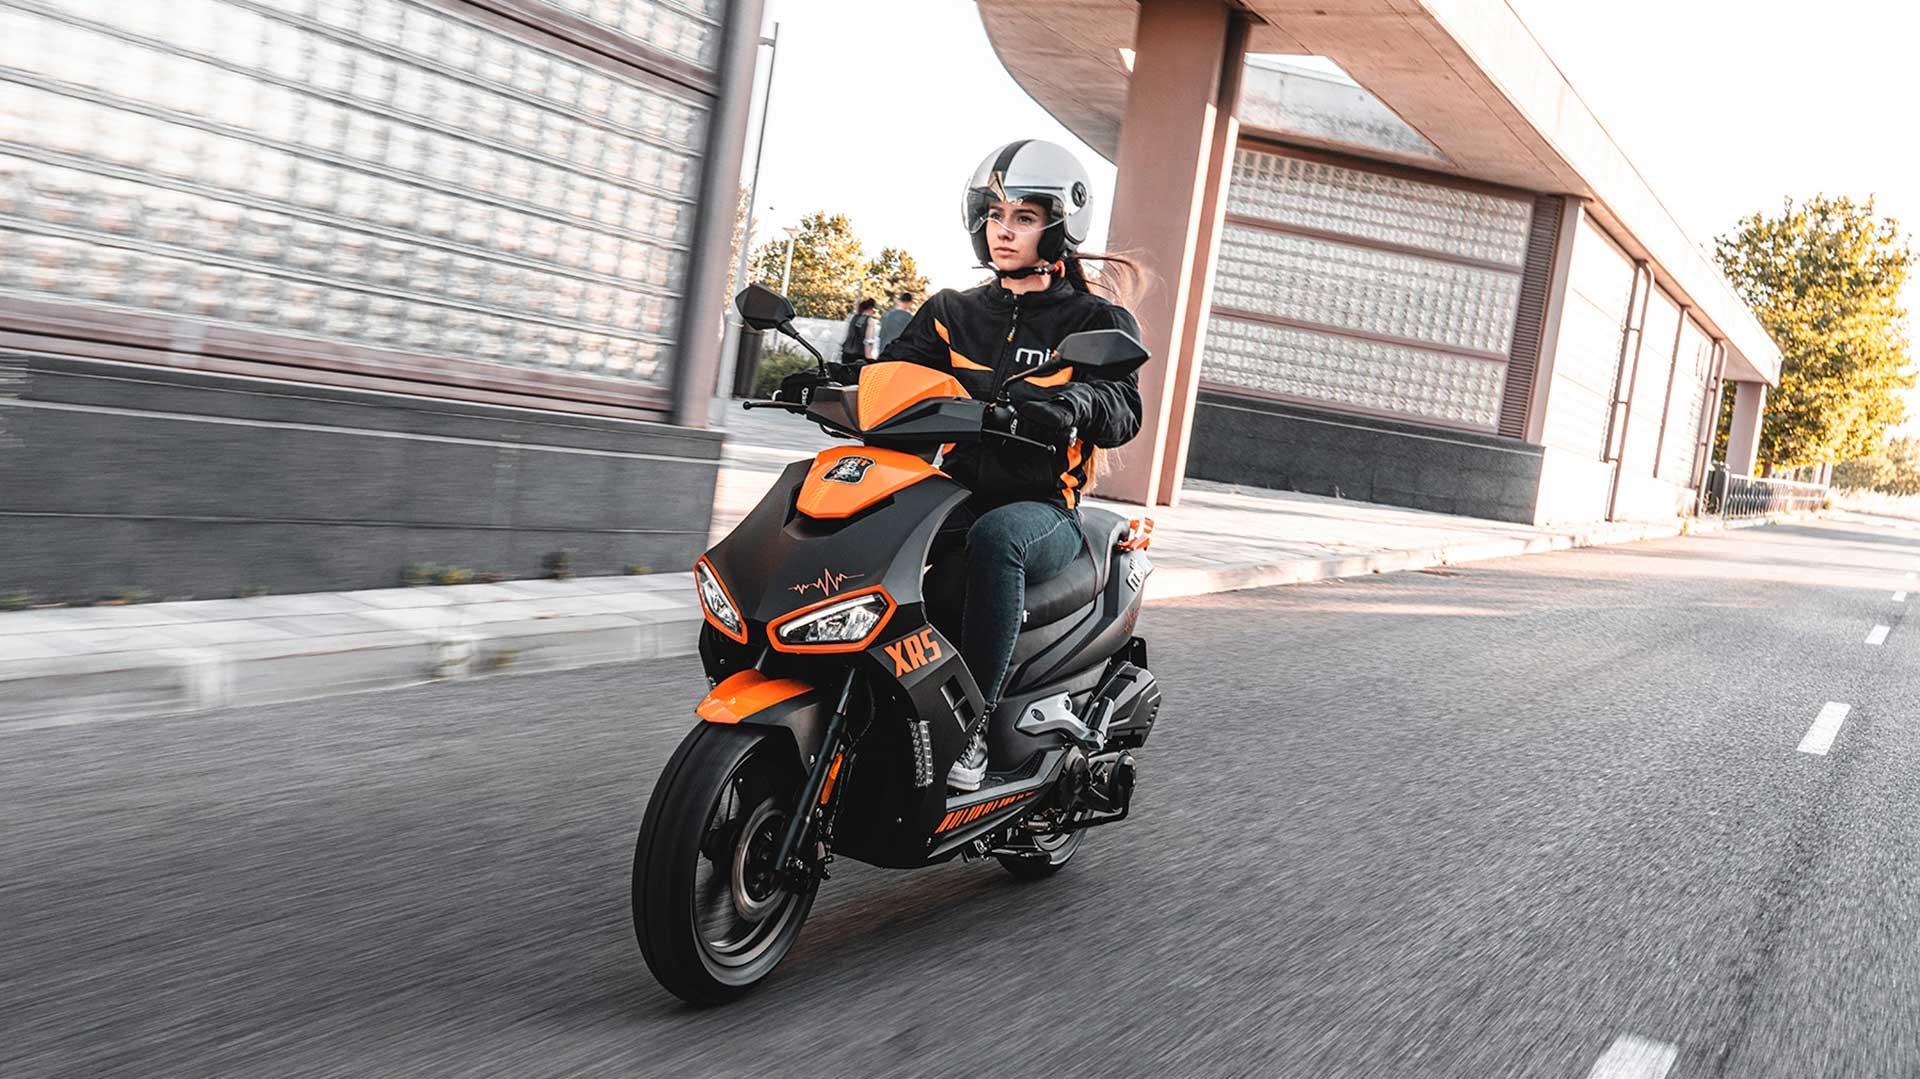 Nuevo MITT 125 XRS: un nuevo scooter de aspecto deportivo